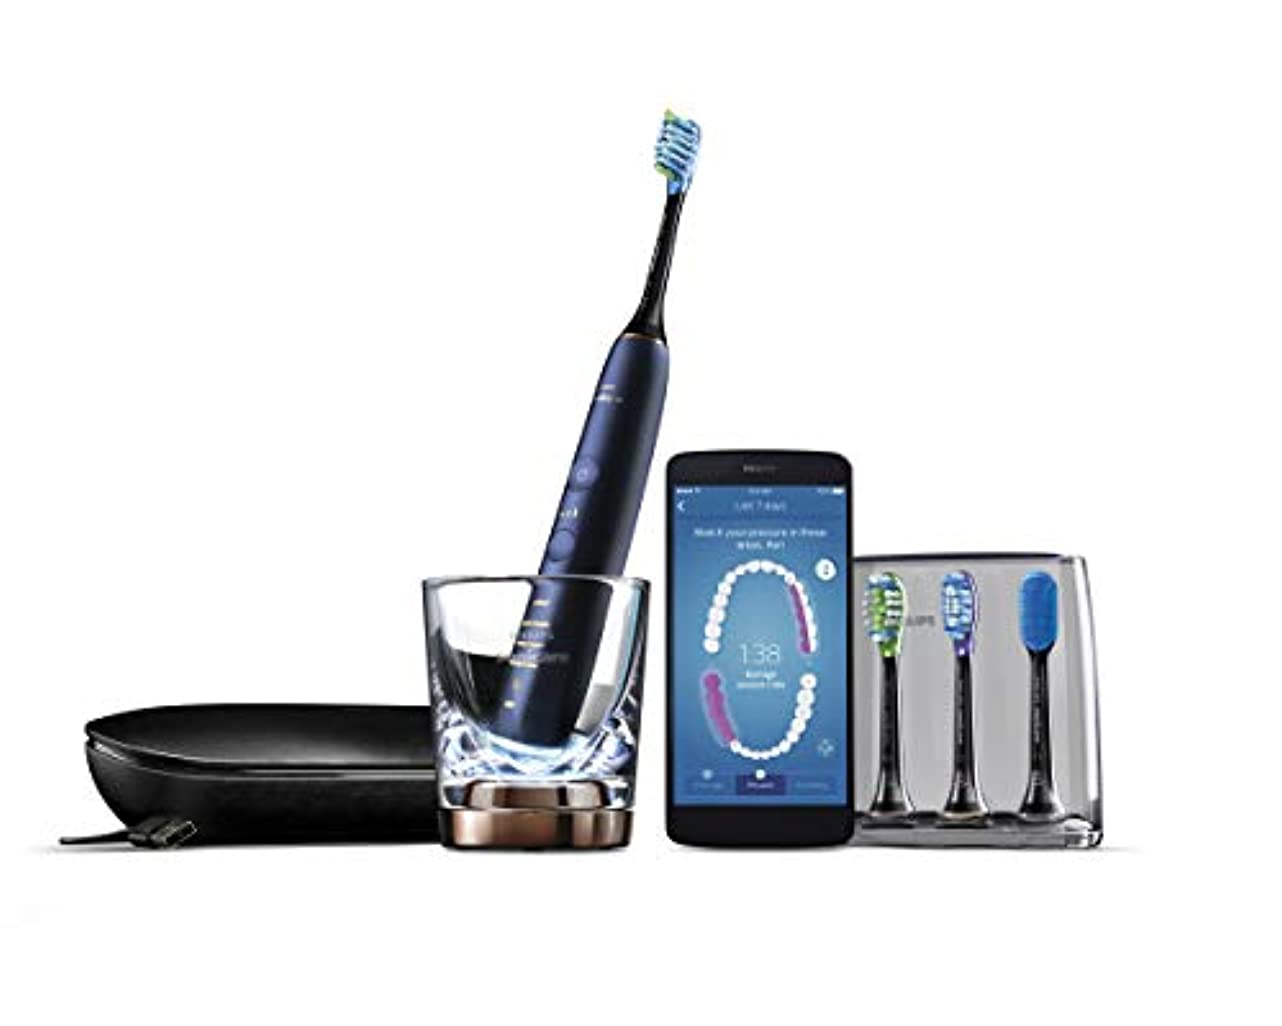 によって滑りやすい要求フィリップス ソニッケアー ダイヤモンドクリーン スマート 電動歯ブラシ ルナーブルー HX9964/55